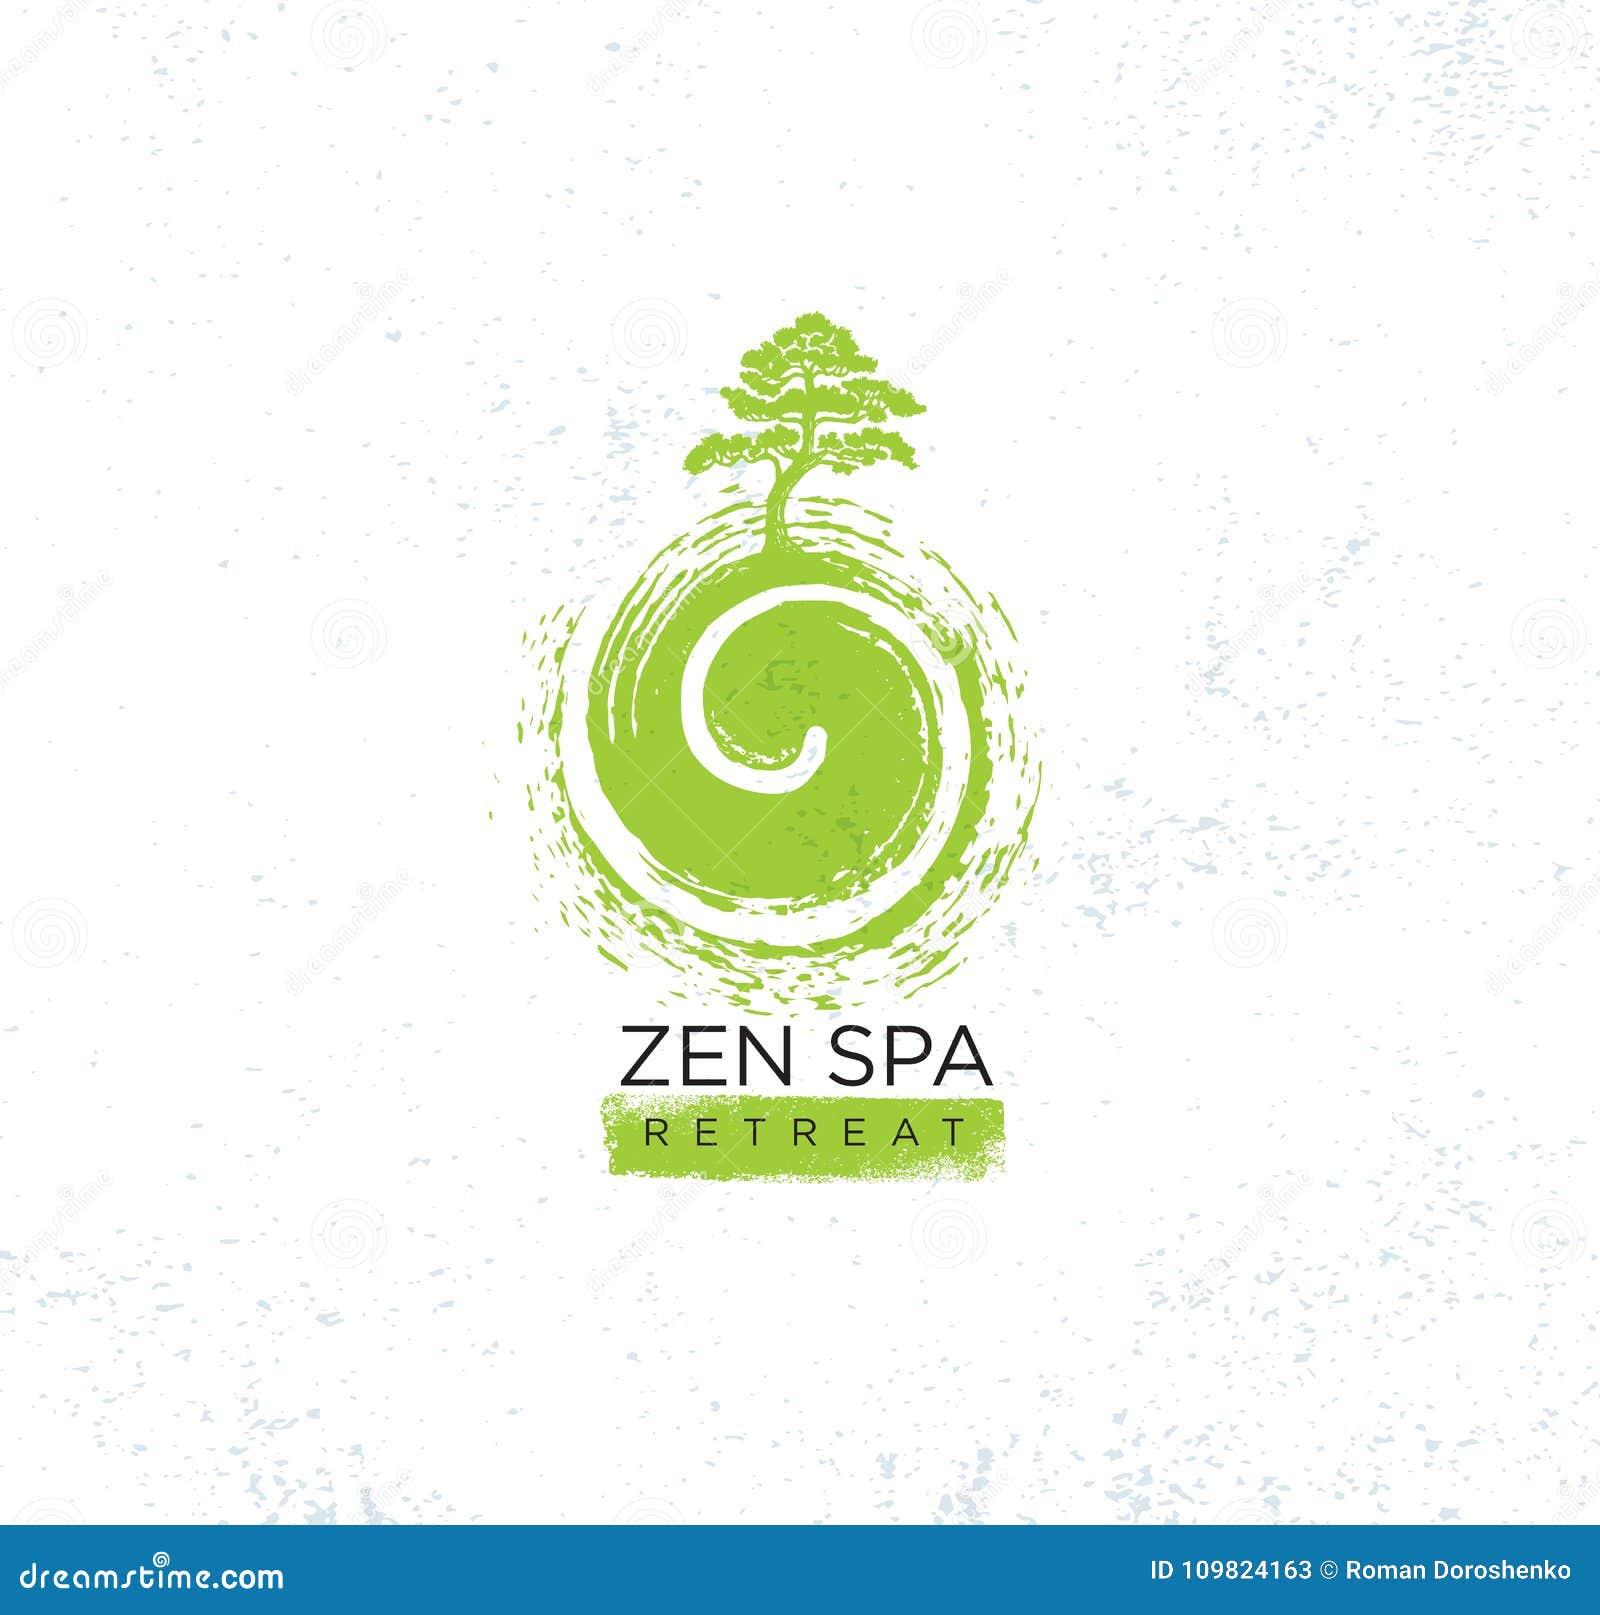 Organisch het Tekenconcept van Zen Spa Wellness Holistic Retreat Boom op de Wervelingsillustratie op Ruwe Geweven Achtergrond